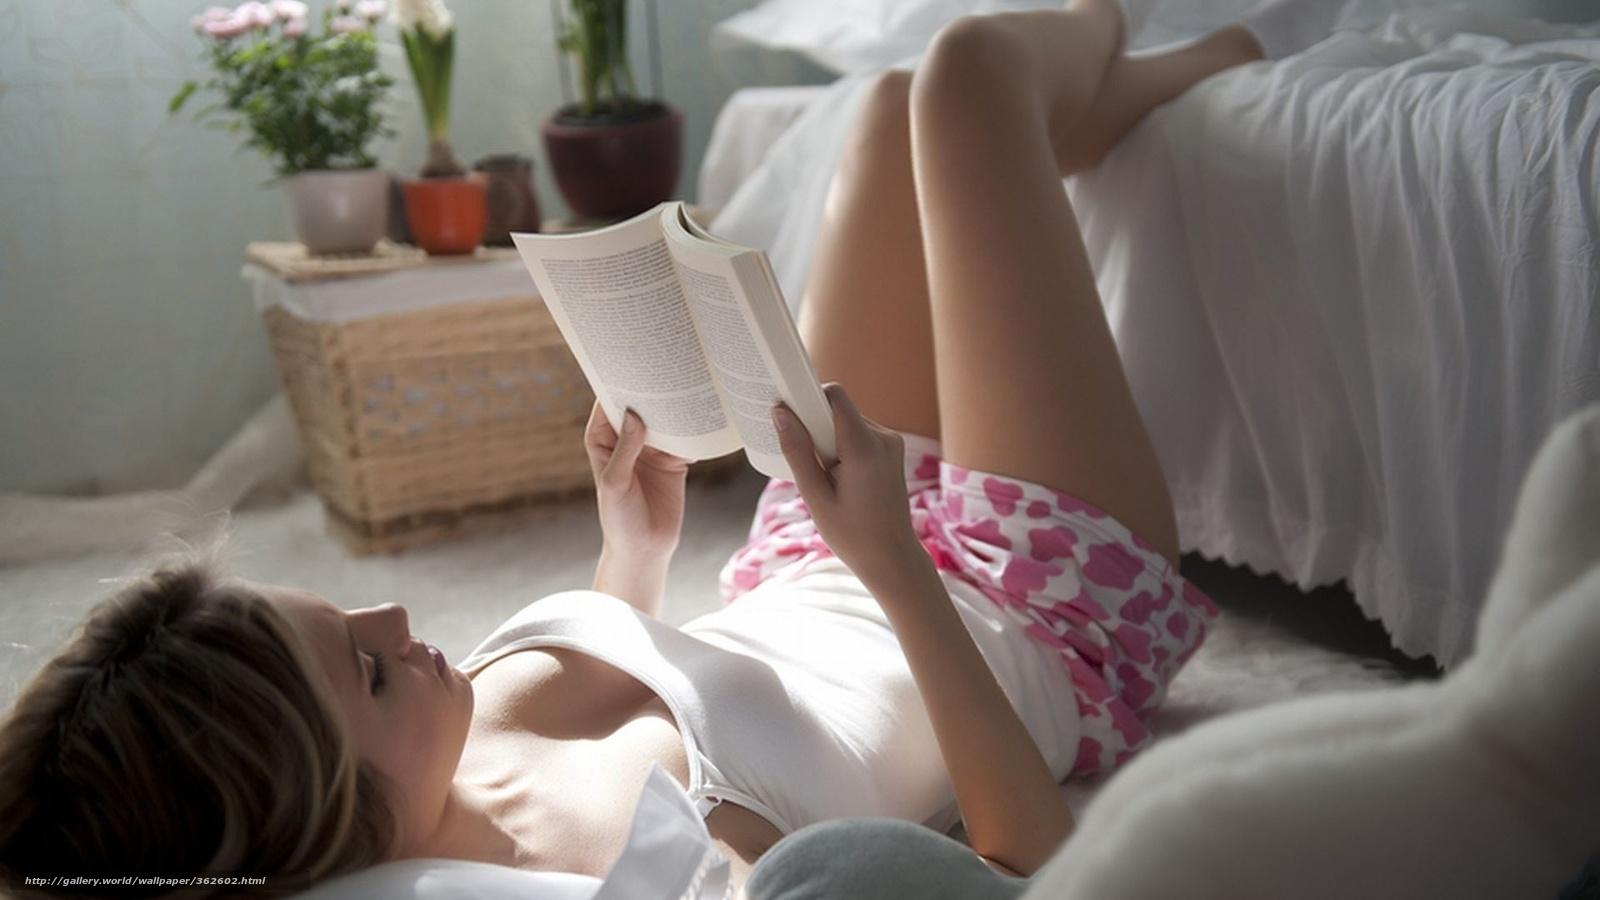 Фотография девушки в красной юбке лежащая на кровати с протезом ноги 23 фотография